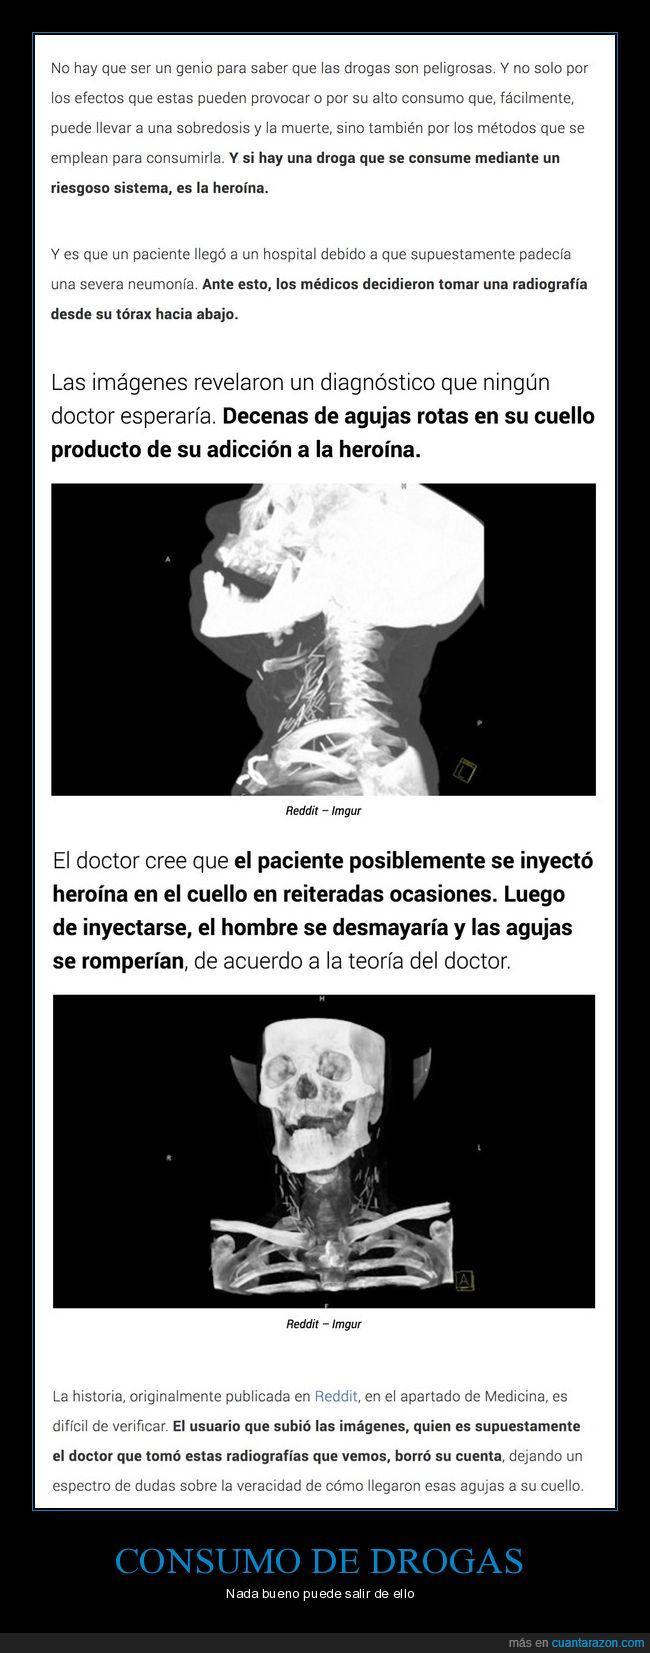 agujas,cuello,heroína,radiografía